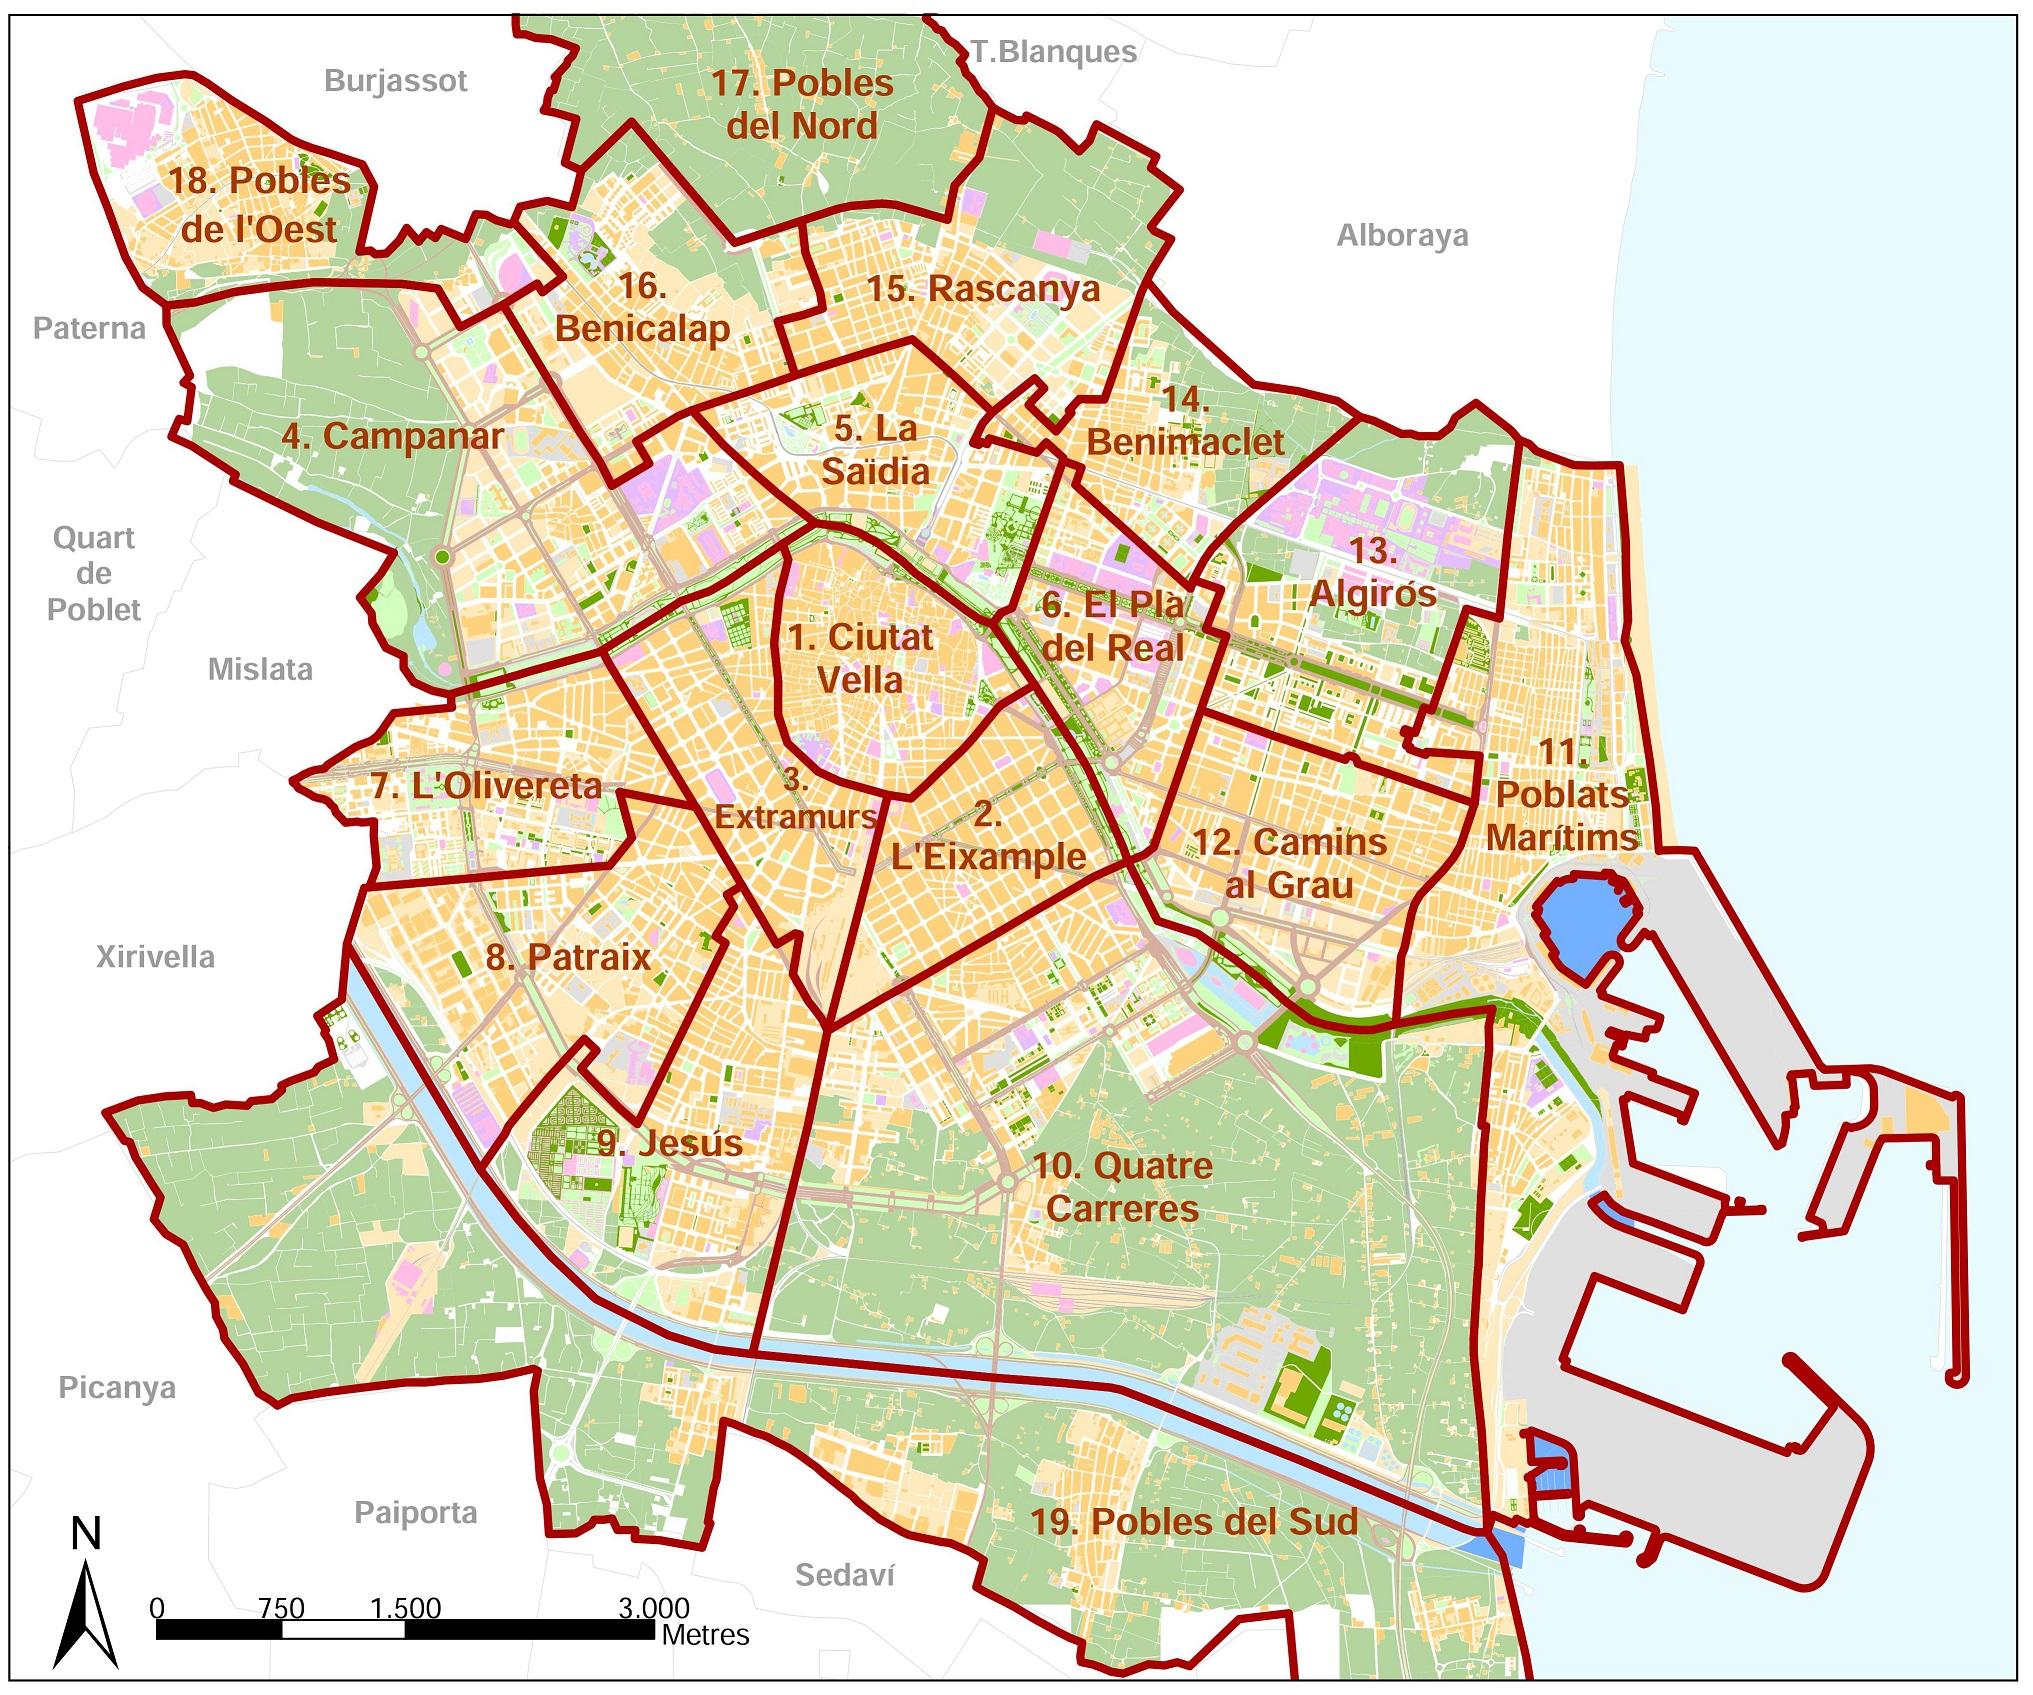 Los 19 distritos de la ciudad de Valencia.